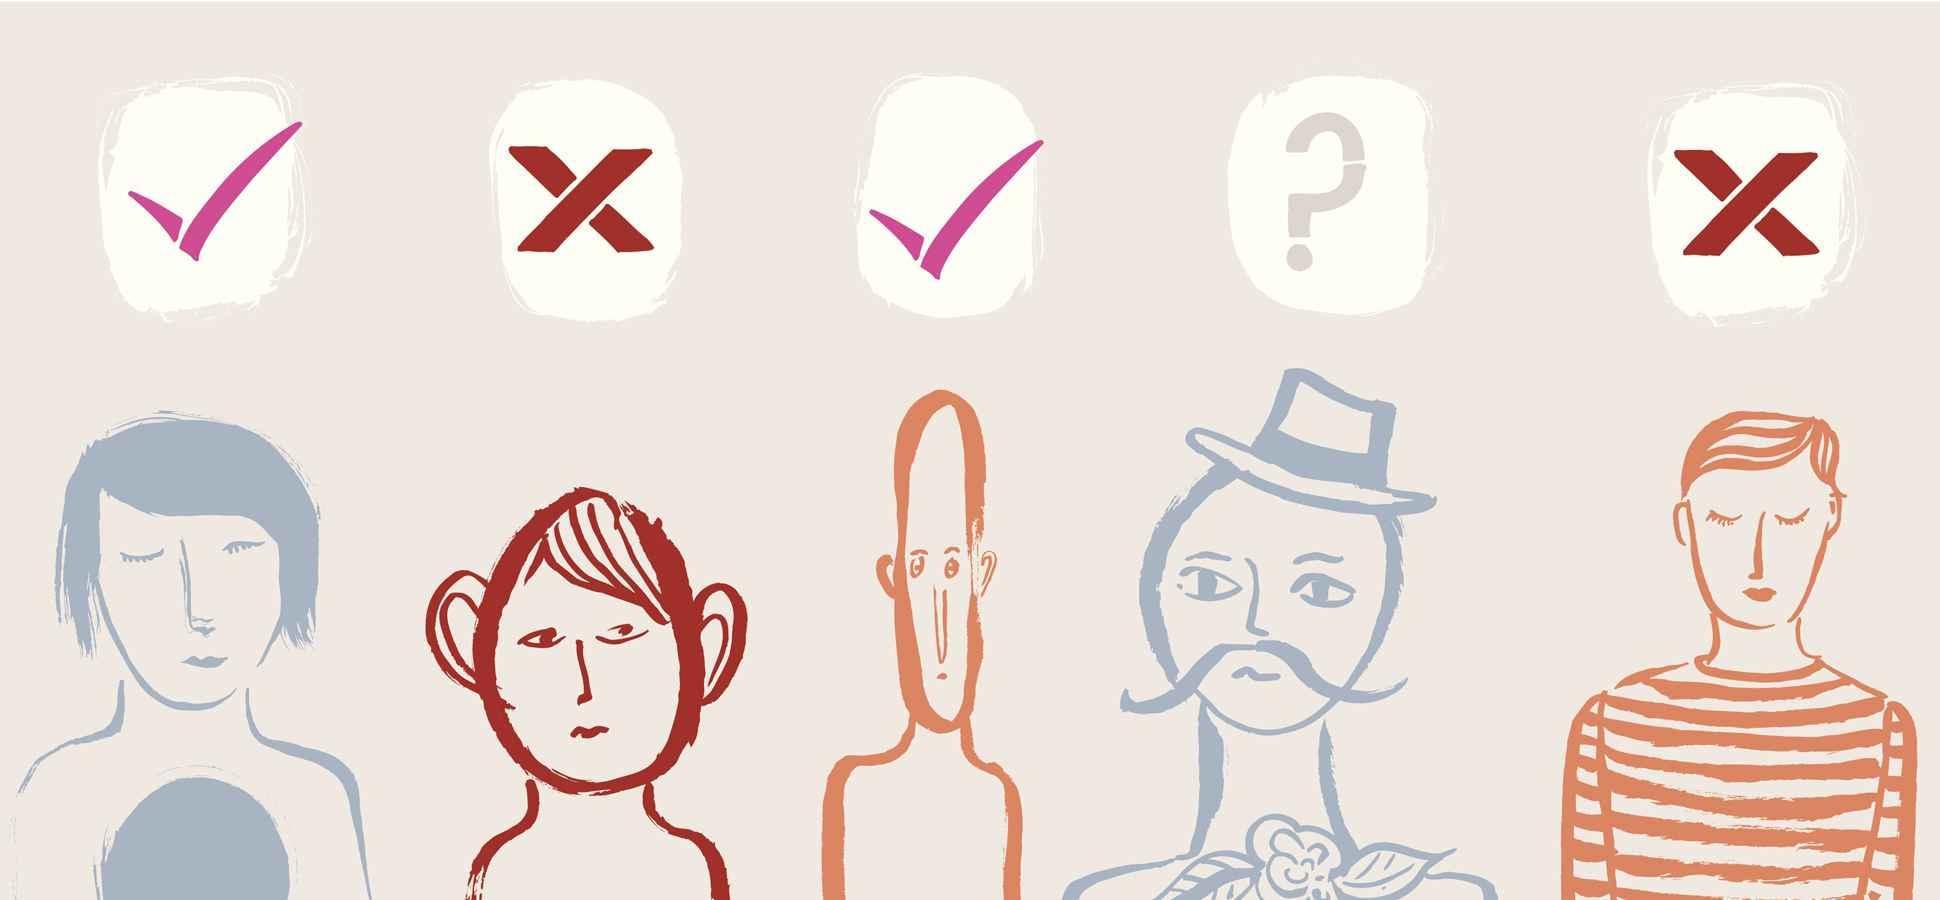 نظریه صفات شخصیتی